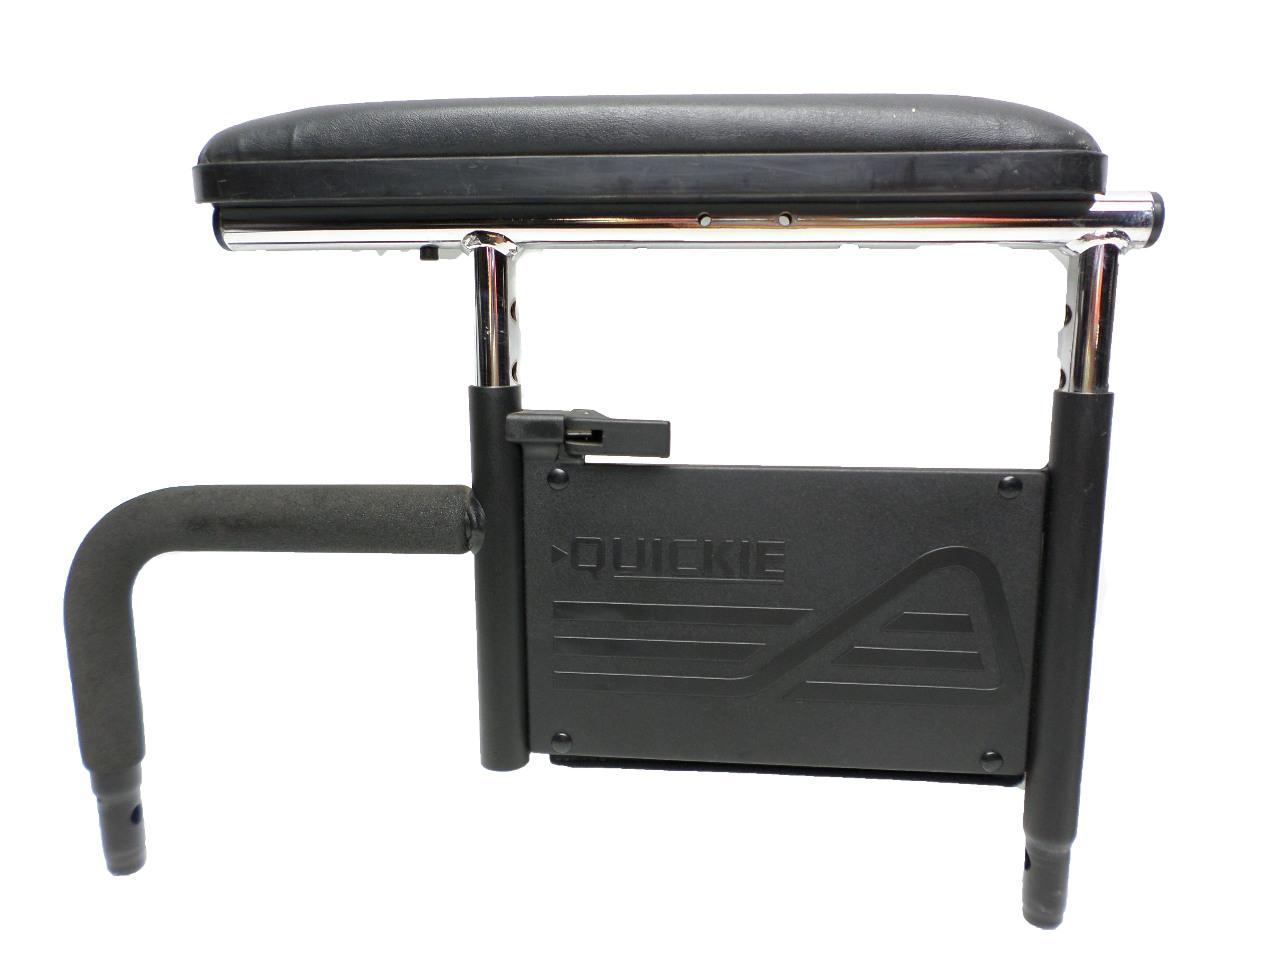 Harmar Chair Lift Wiring Diagram Al600 Manual Auto Wheelchair Harness Vehicle